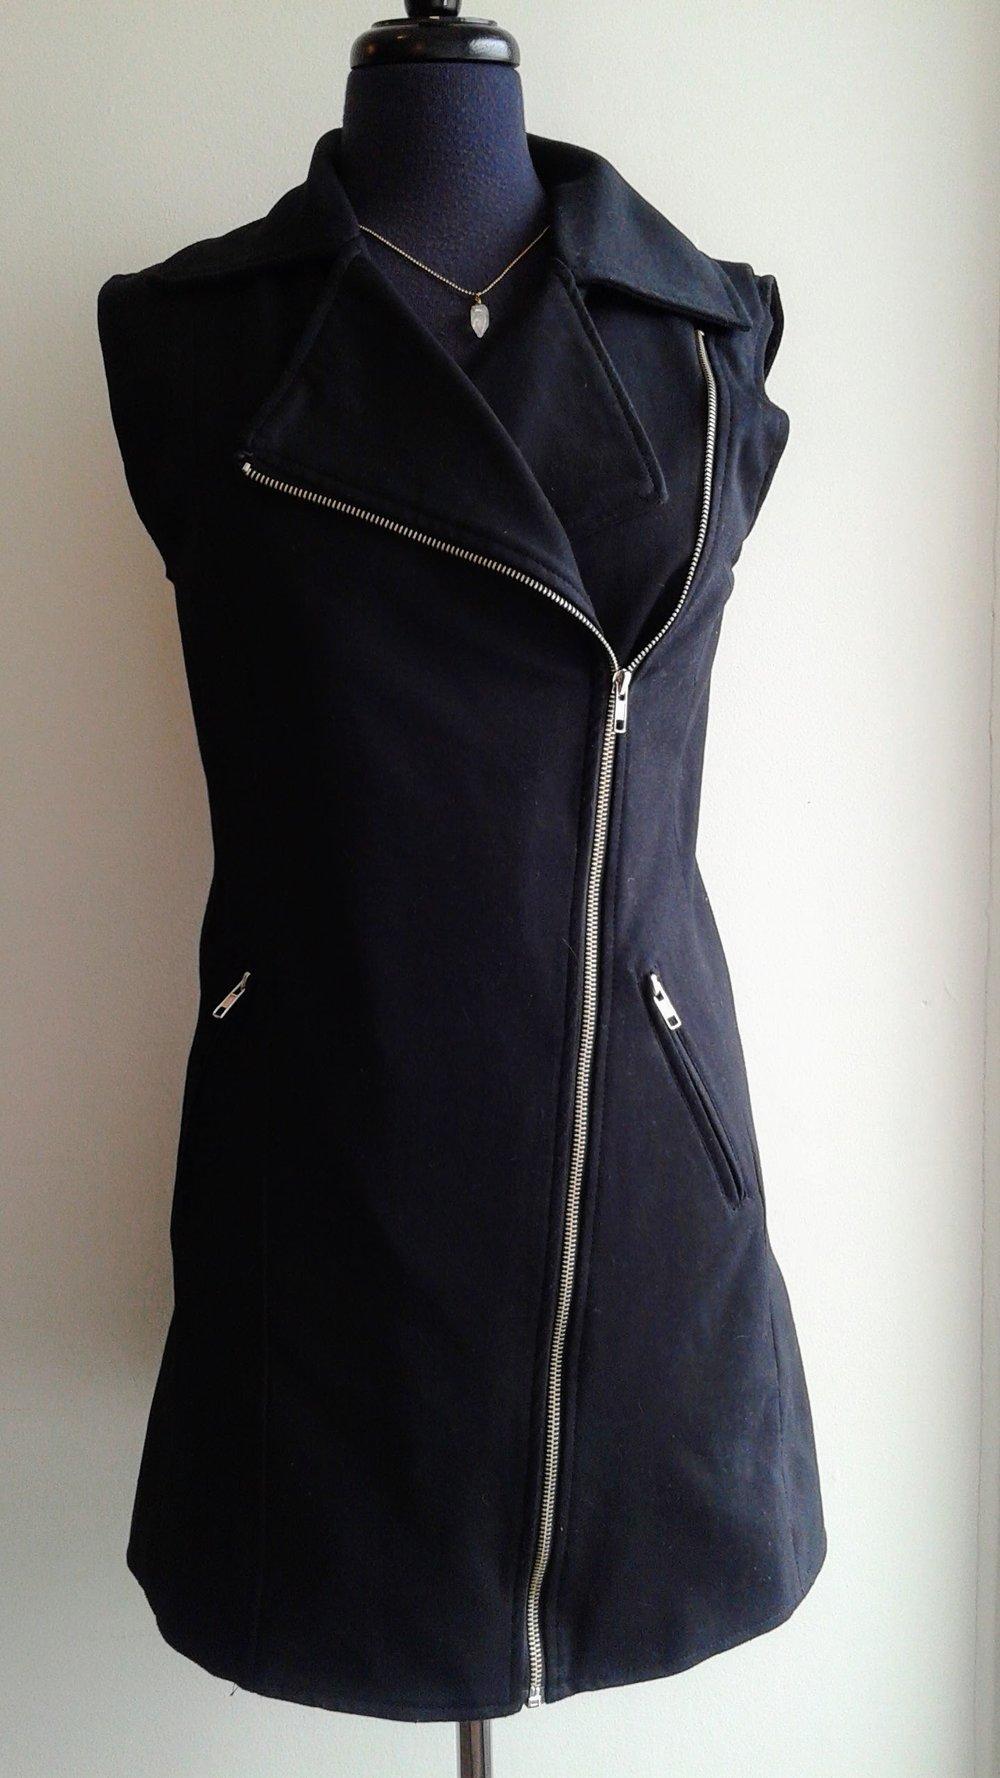 Piko 1988 tunic; Size M, $36